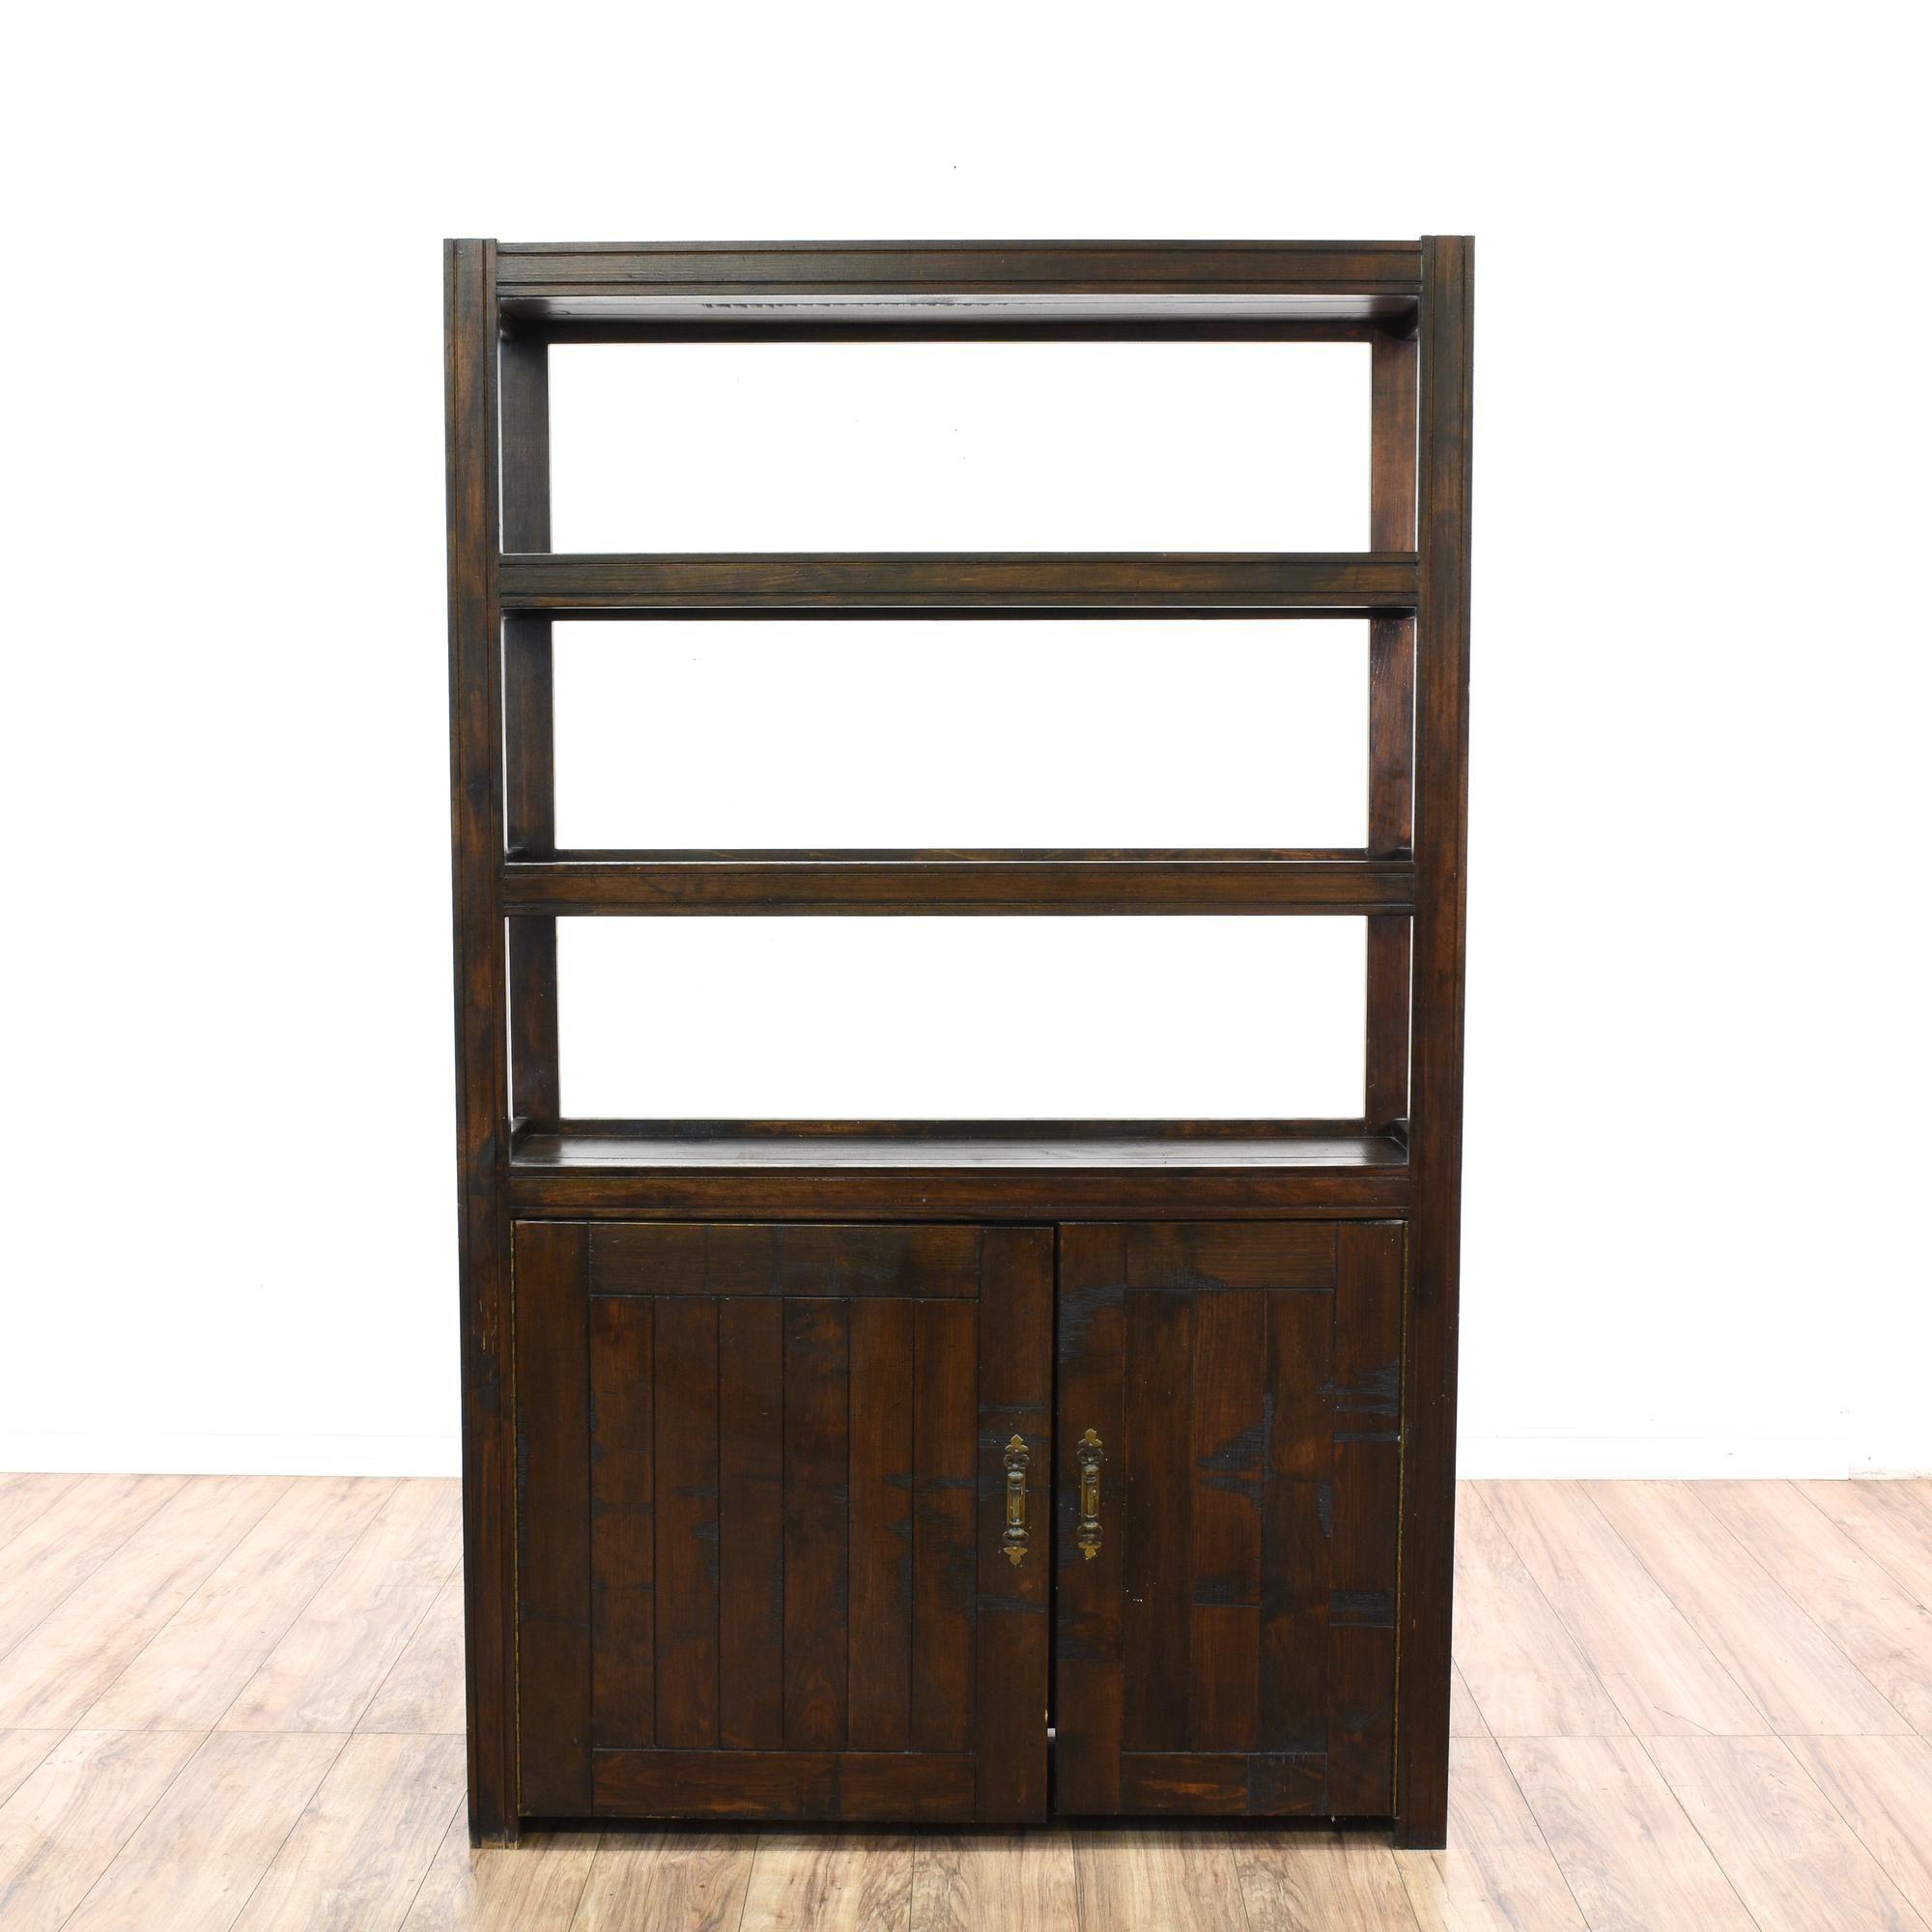 dark storage kitchen basic iris amazon tier brown wood dining bookcases shelf bookcase antique